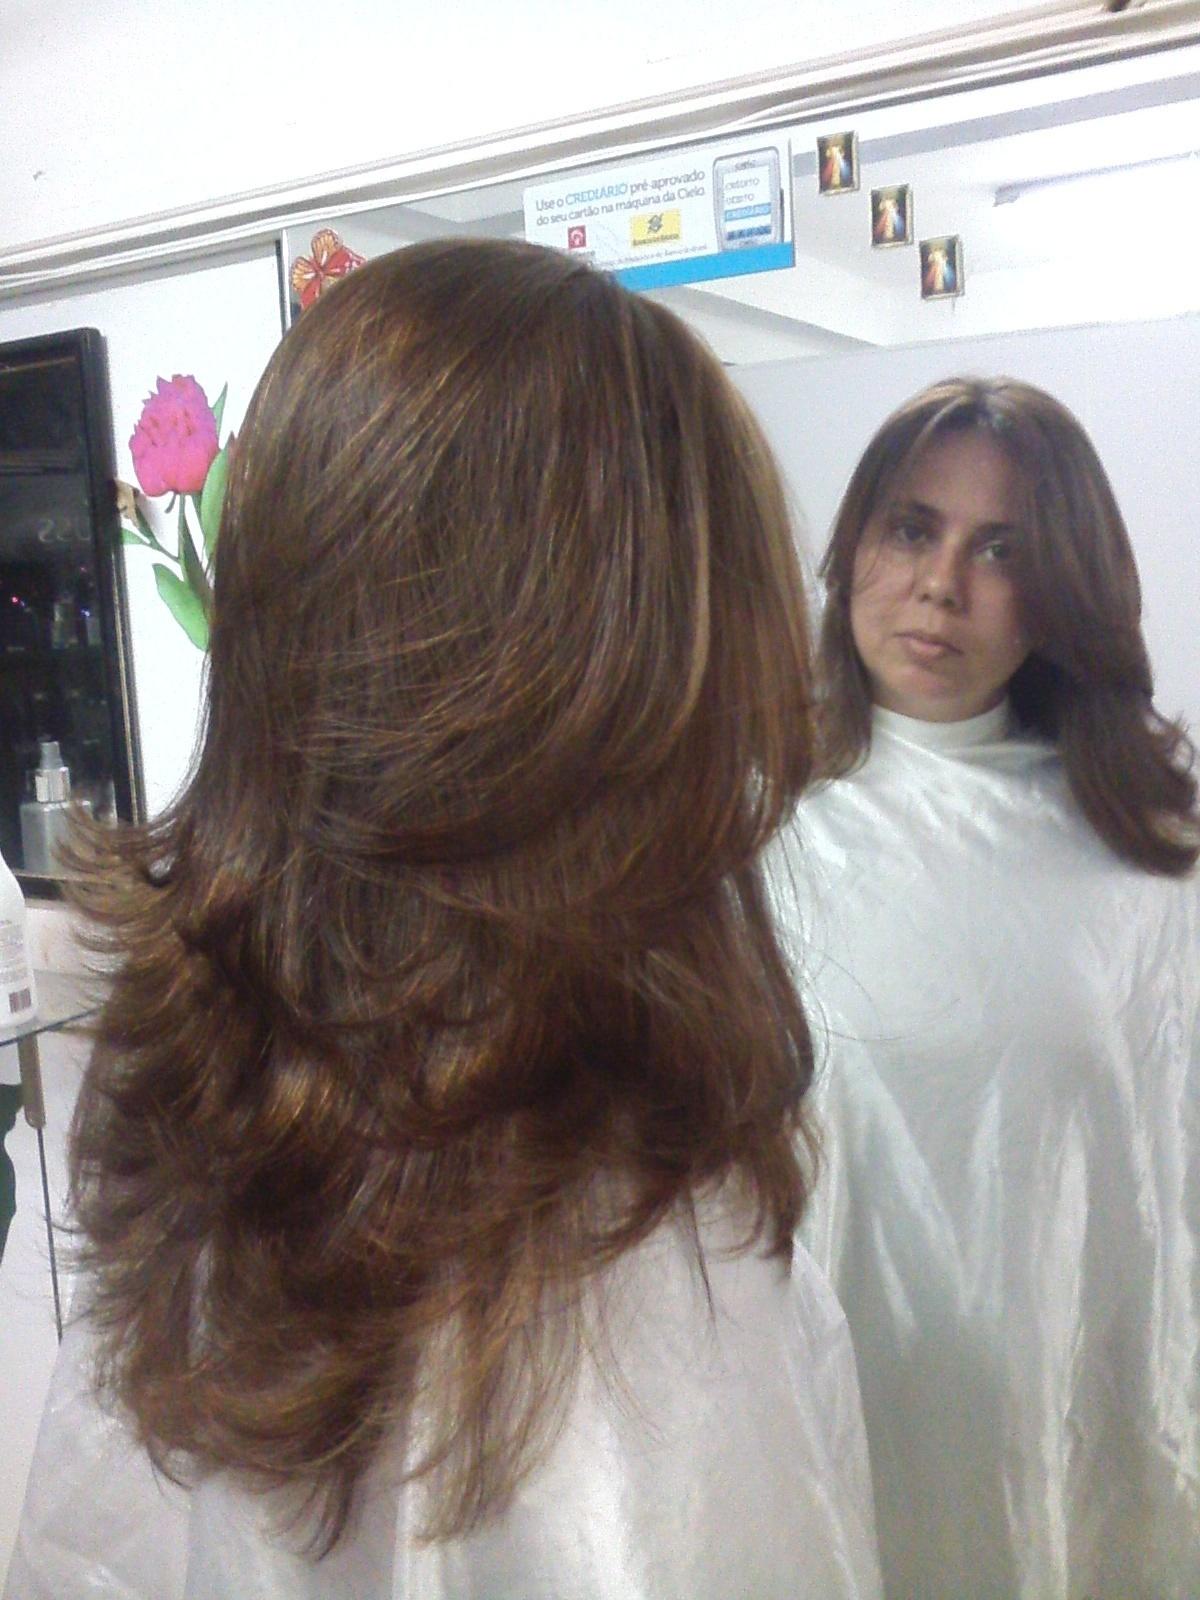 maquiagem e penteado e corte e cor, e luzes....,  Este foi feito o corte e na cor retirado o preto azulado em luzes e coloração cabeleireiro(a) stylist maquiador(a) massagista visagista